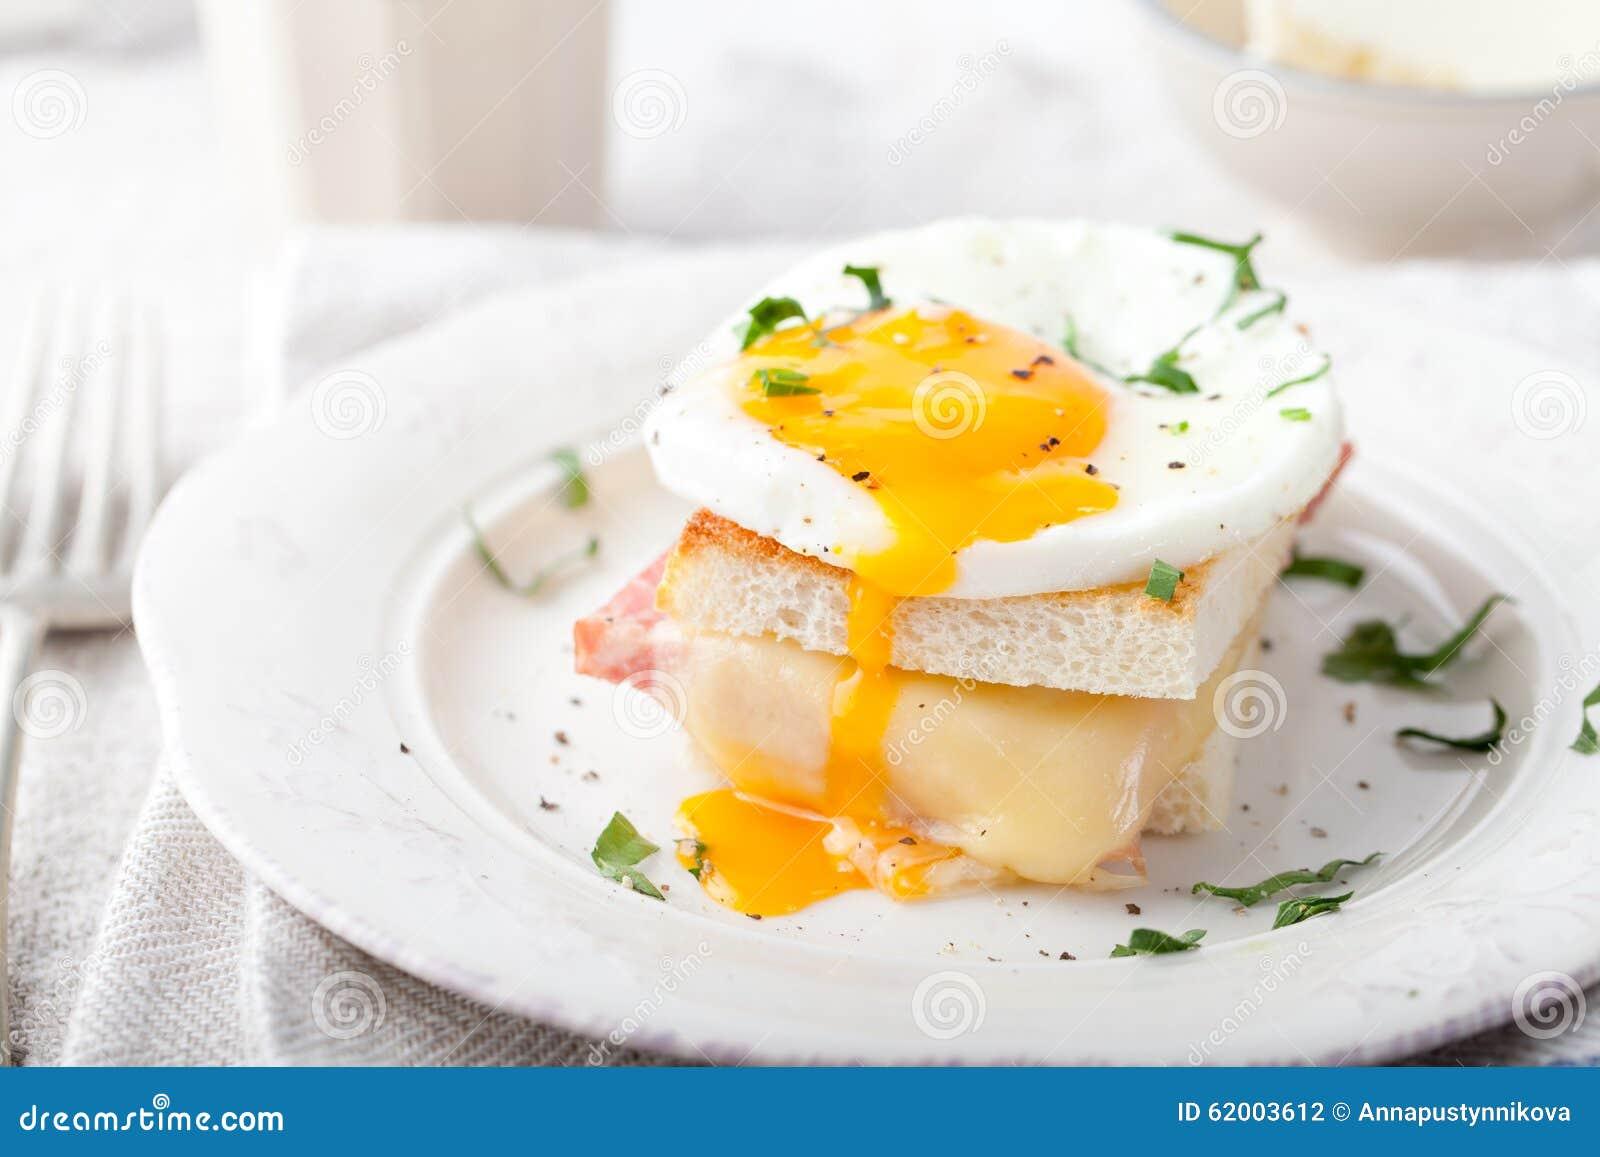 croque madame, ei, schinken, käsesandwich traditionelle